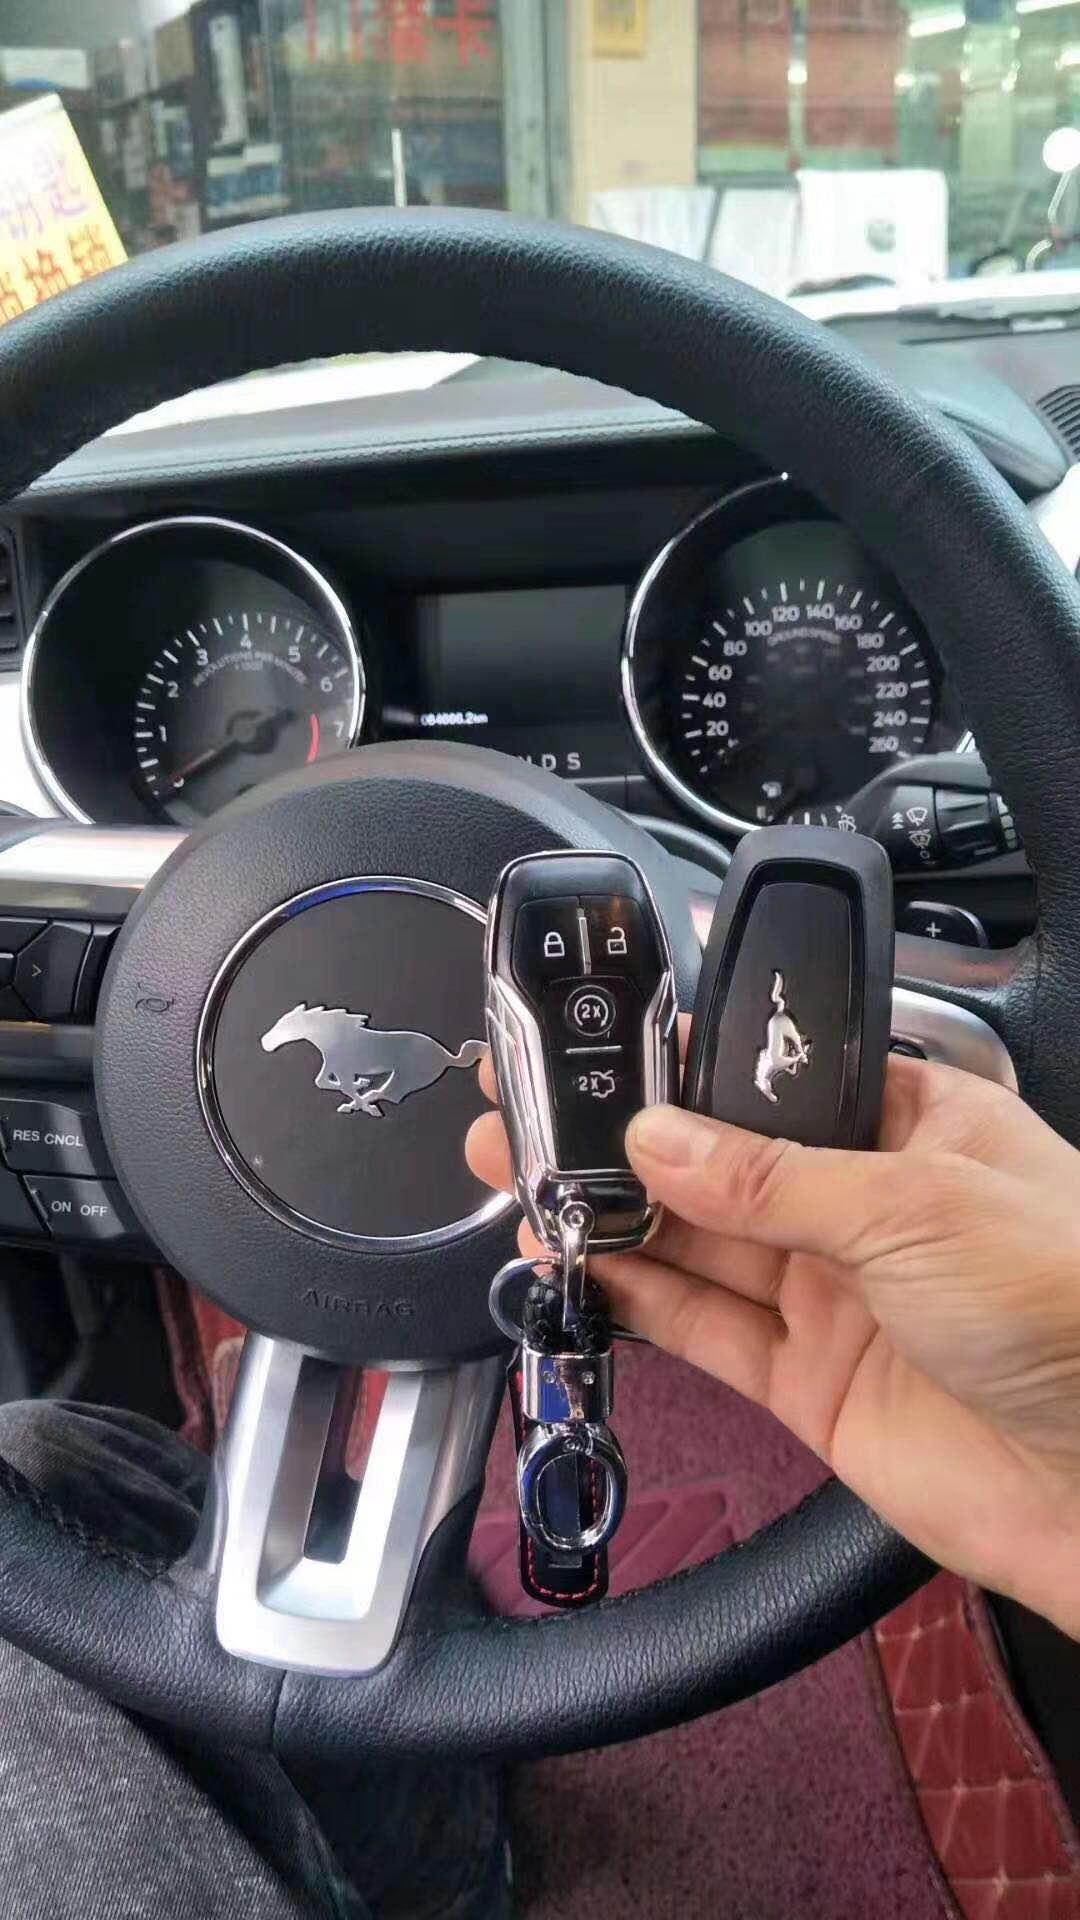 义乌匹配汽车芯片钥匙